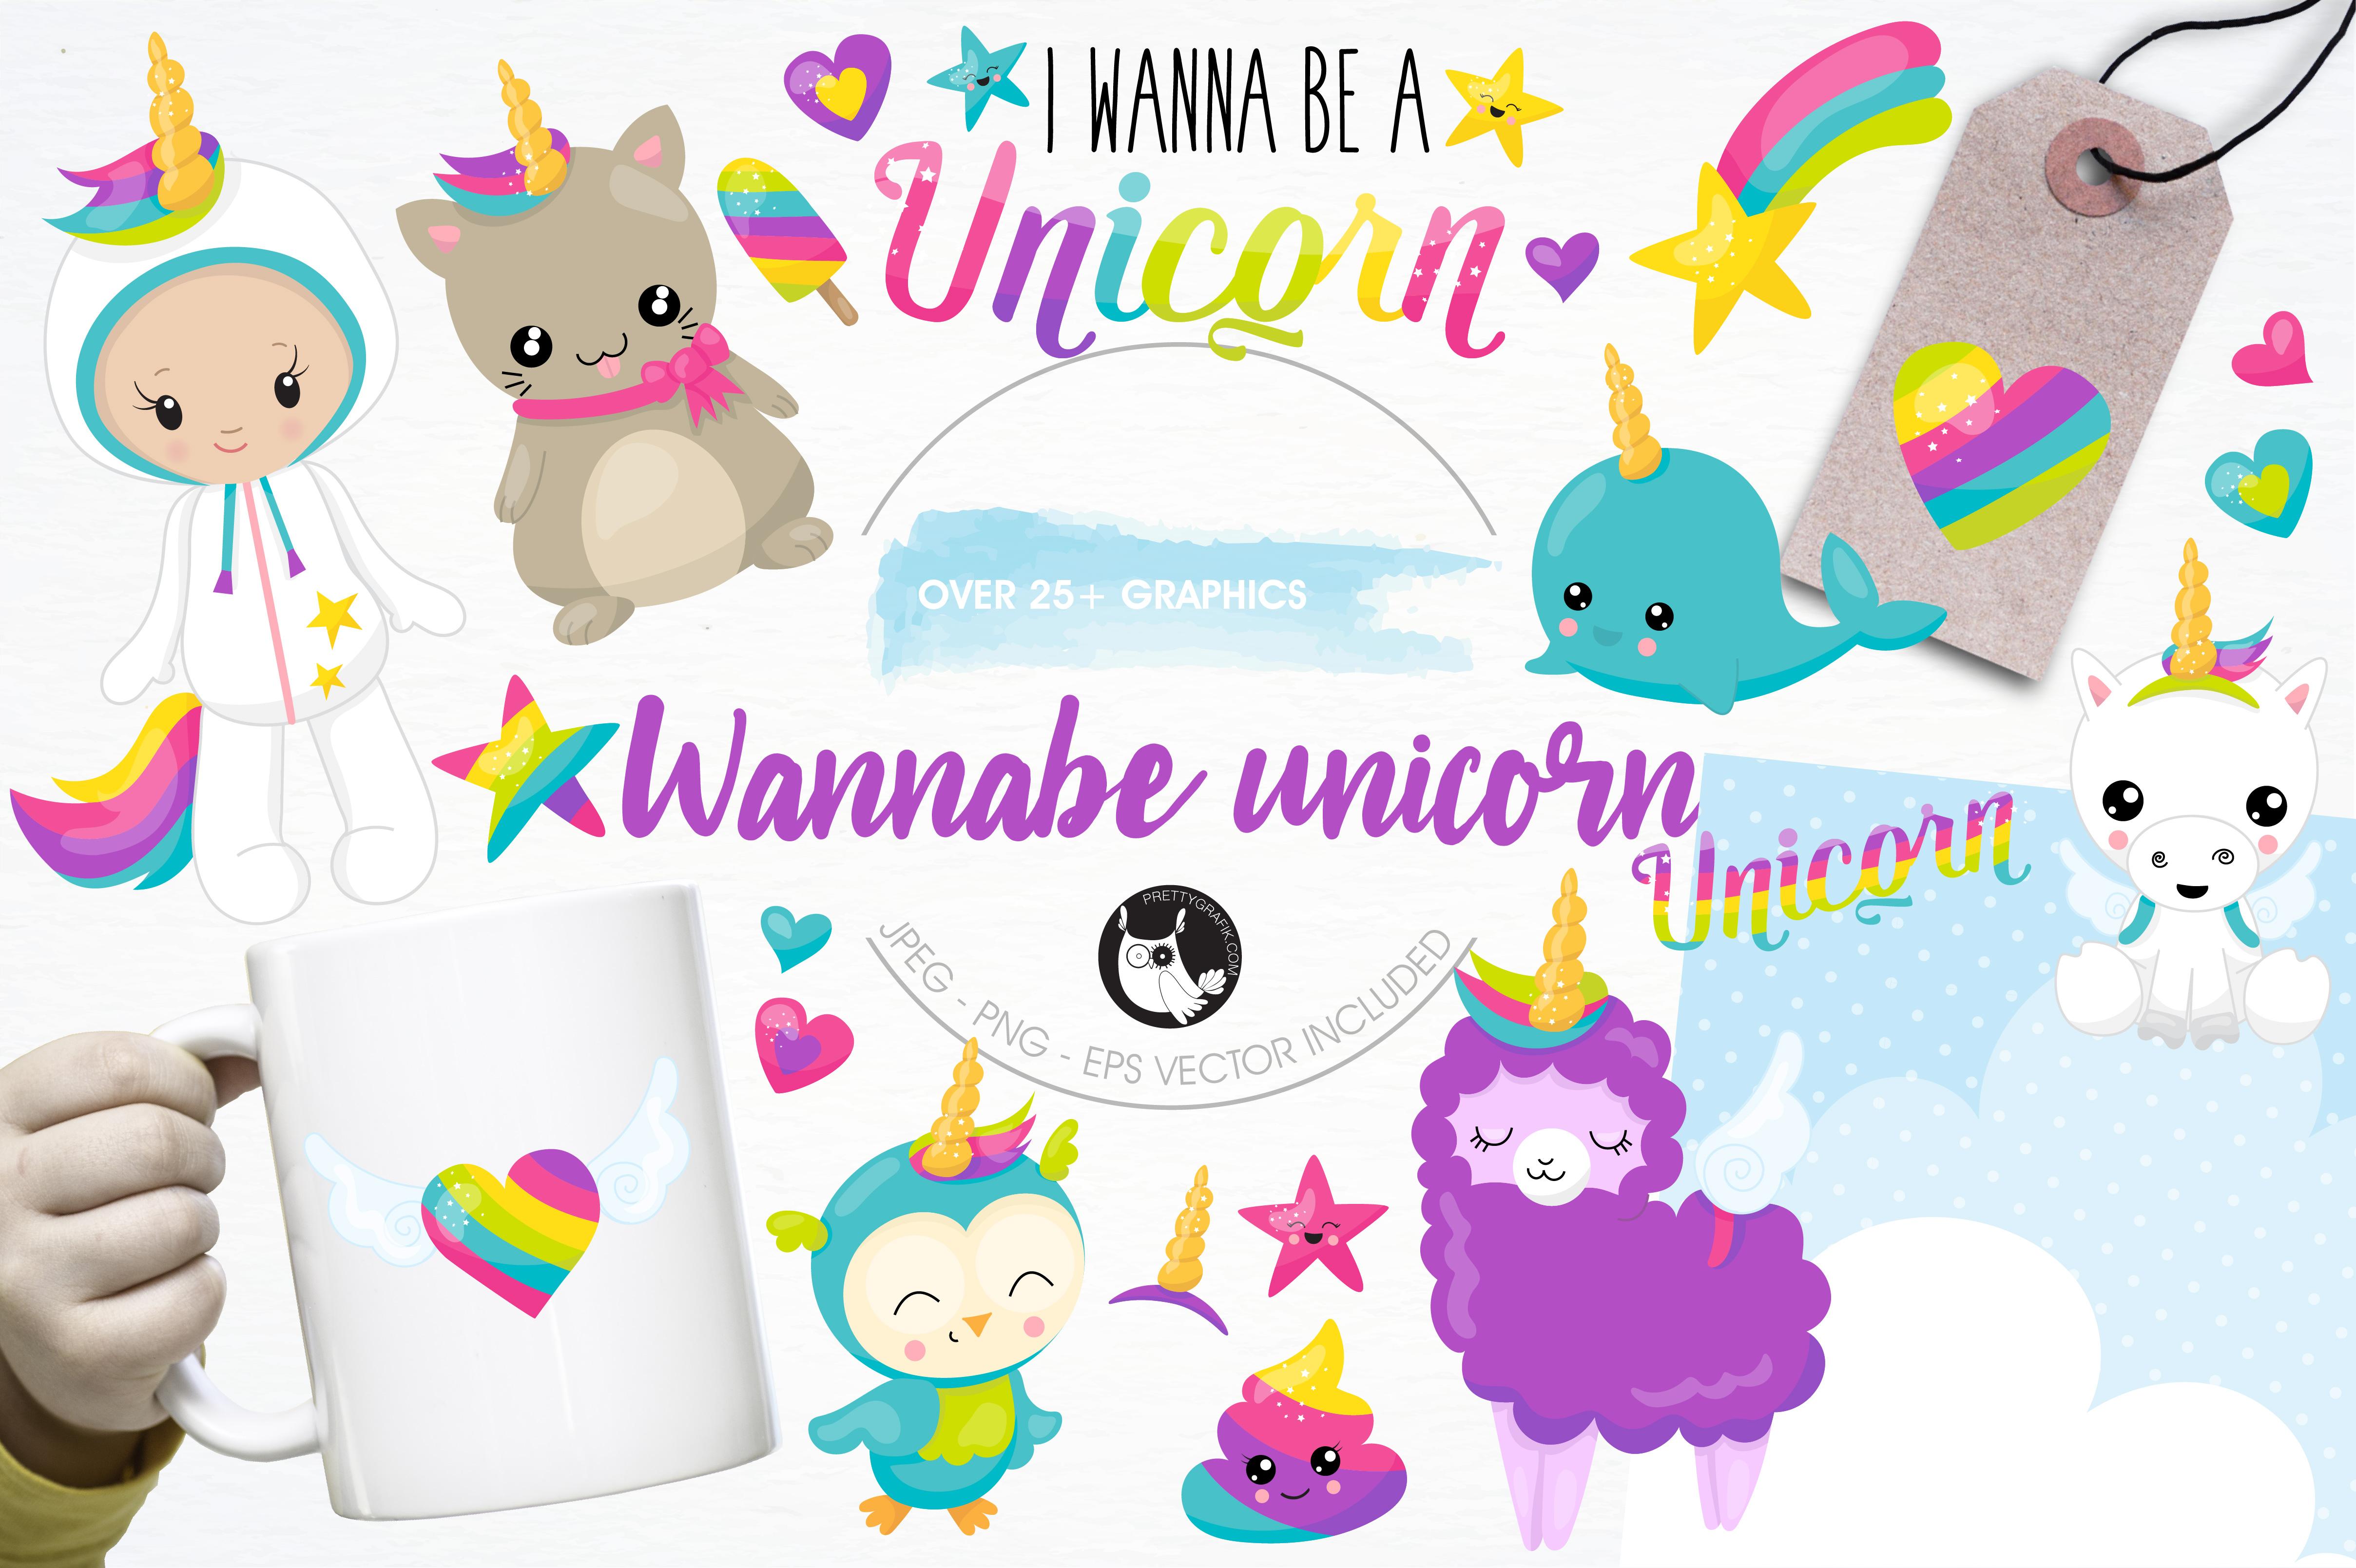 Wannabe unicorn graphics and illustrations example image 1